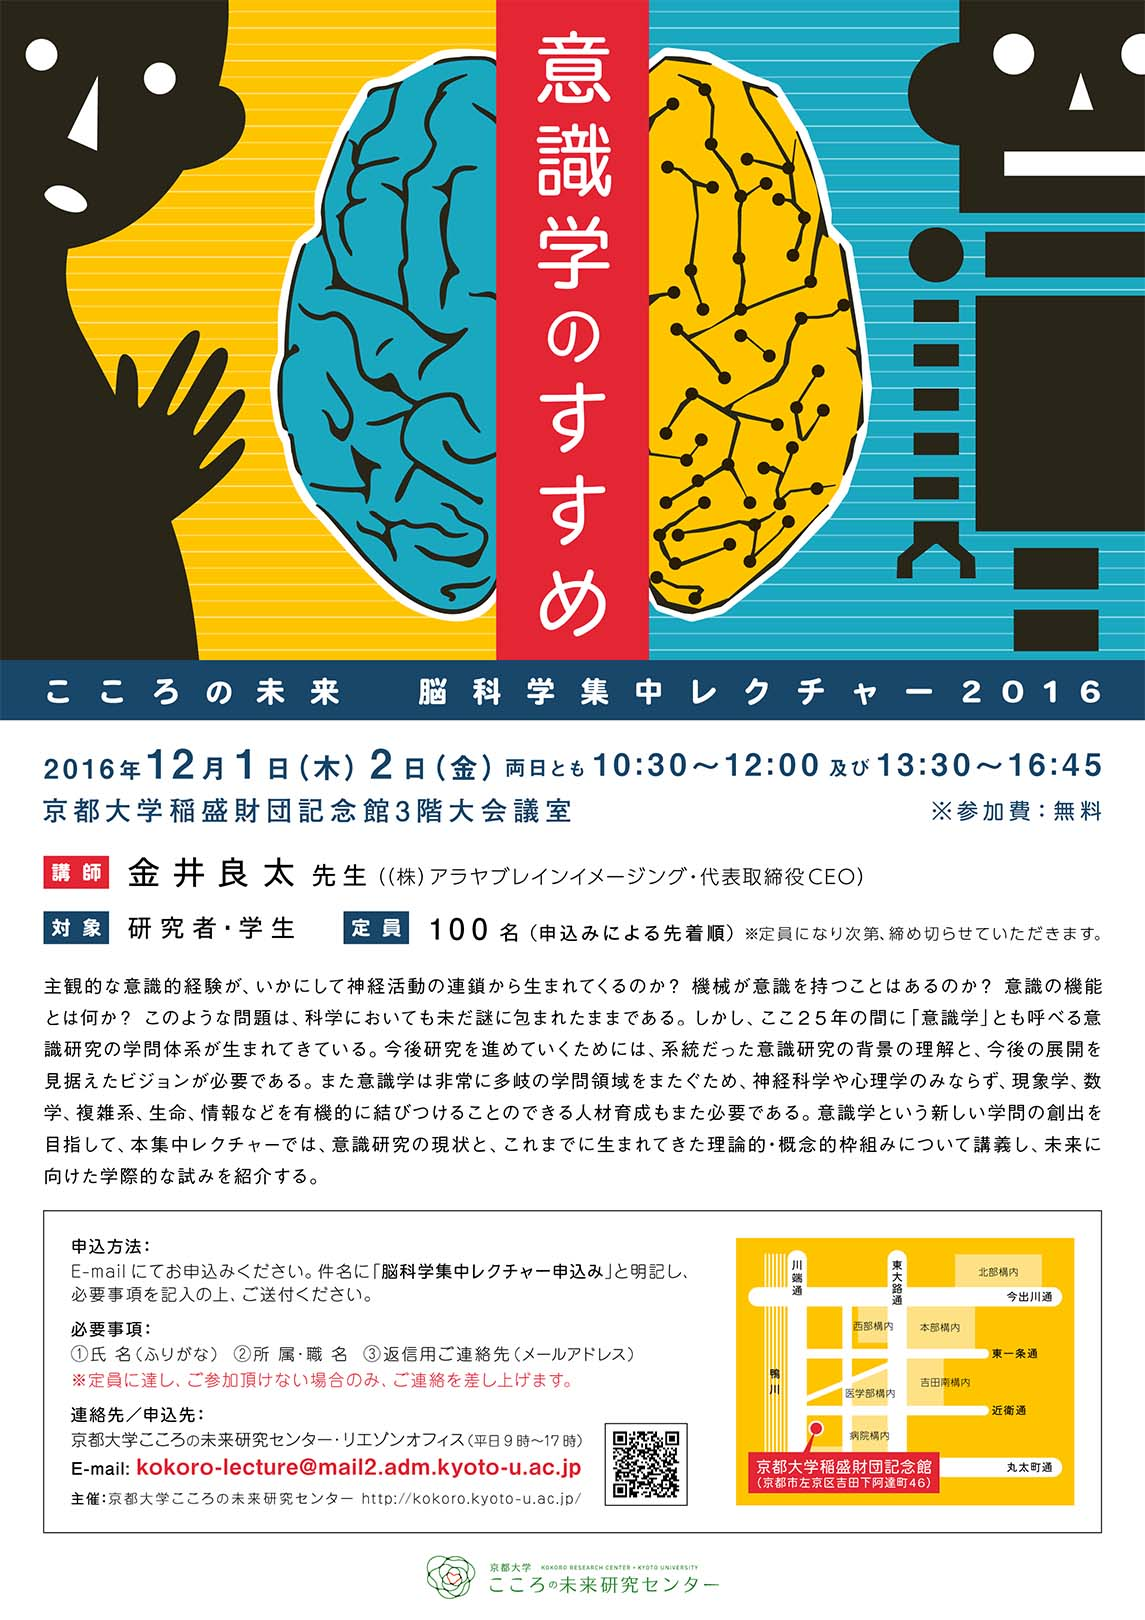 こころの未来 脳科学集中レクチャー2016 「意識学のすすめ」